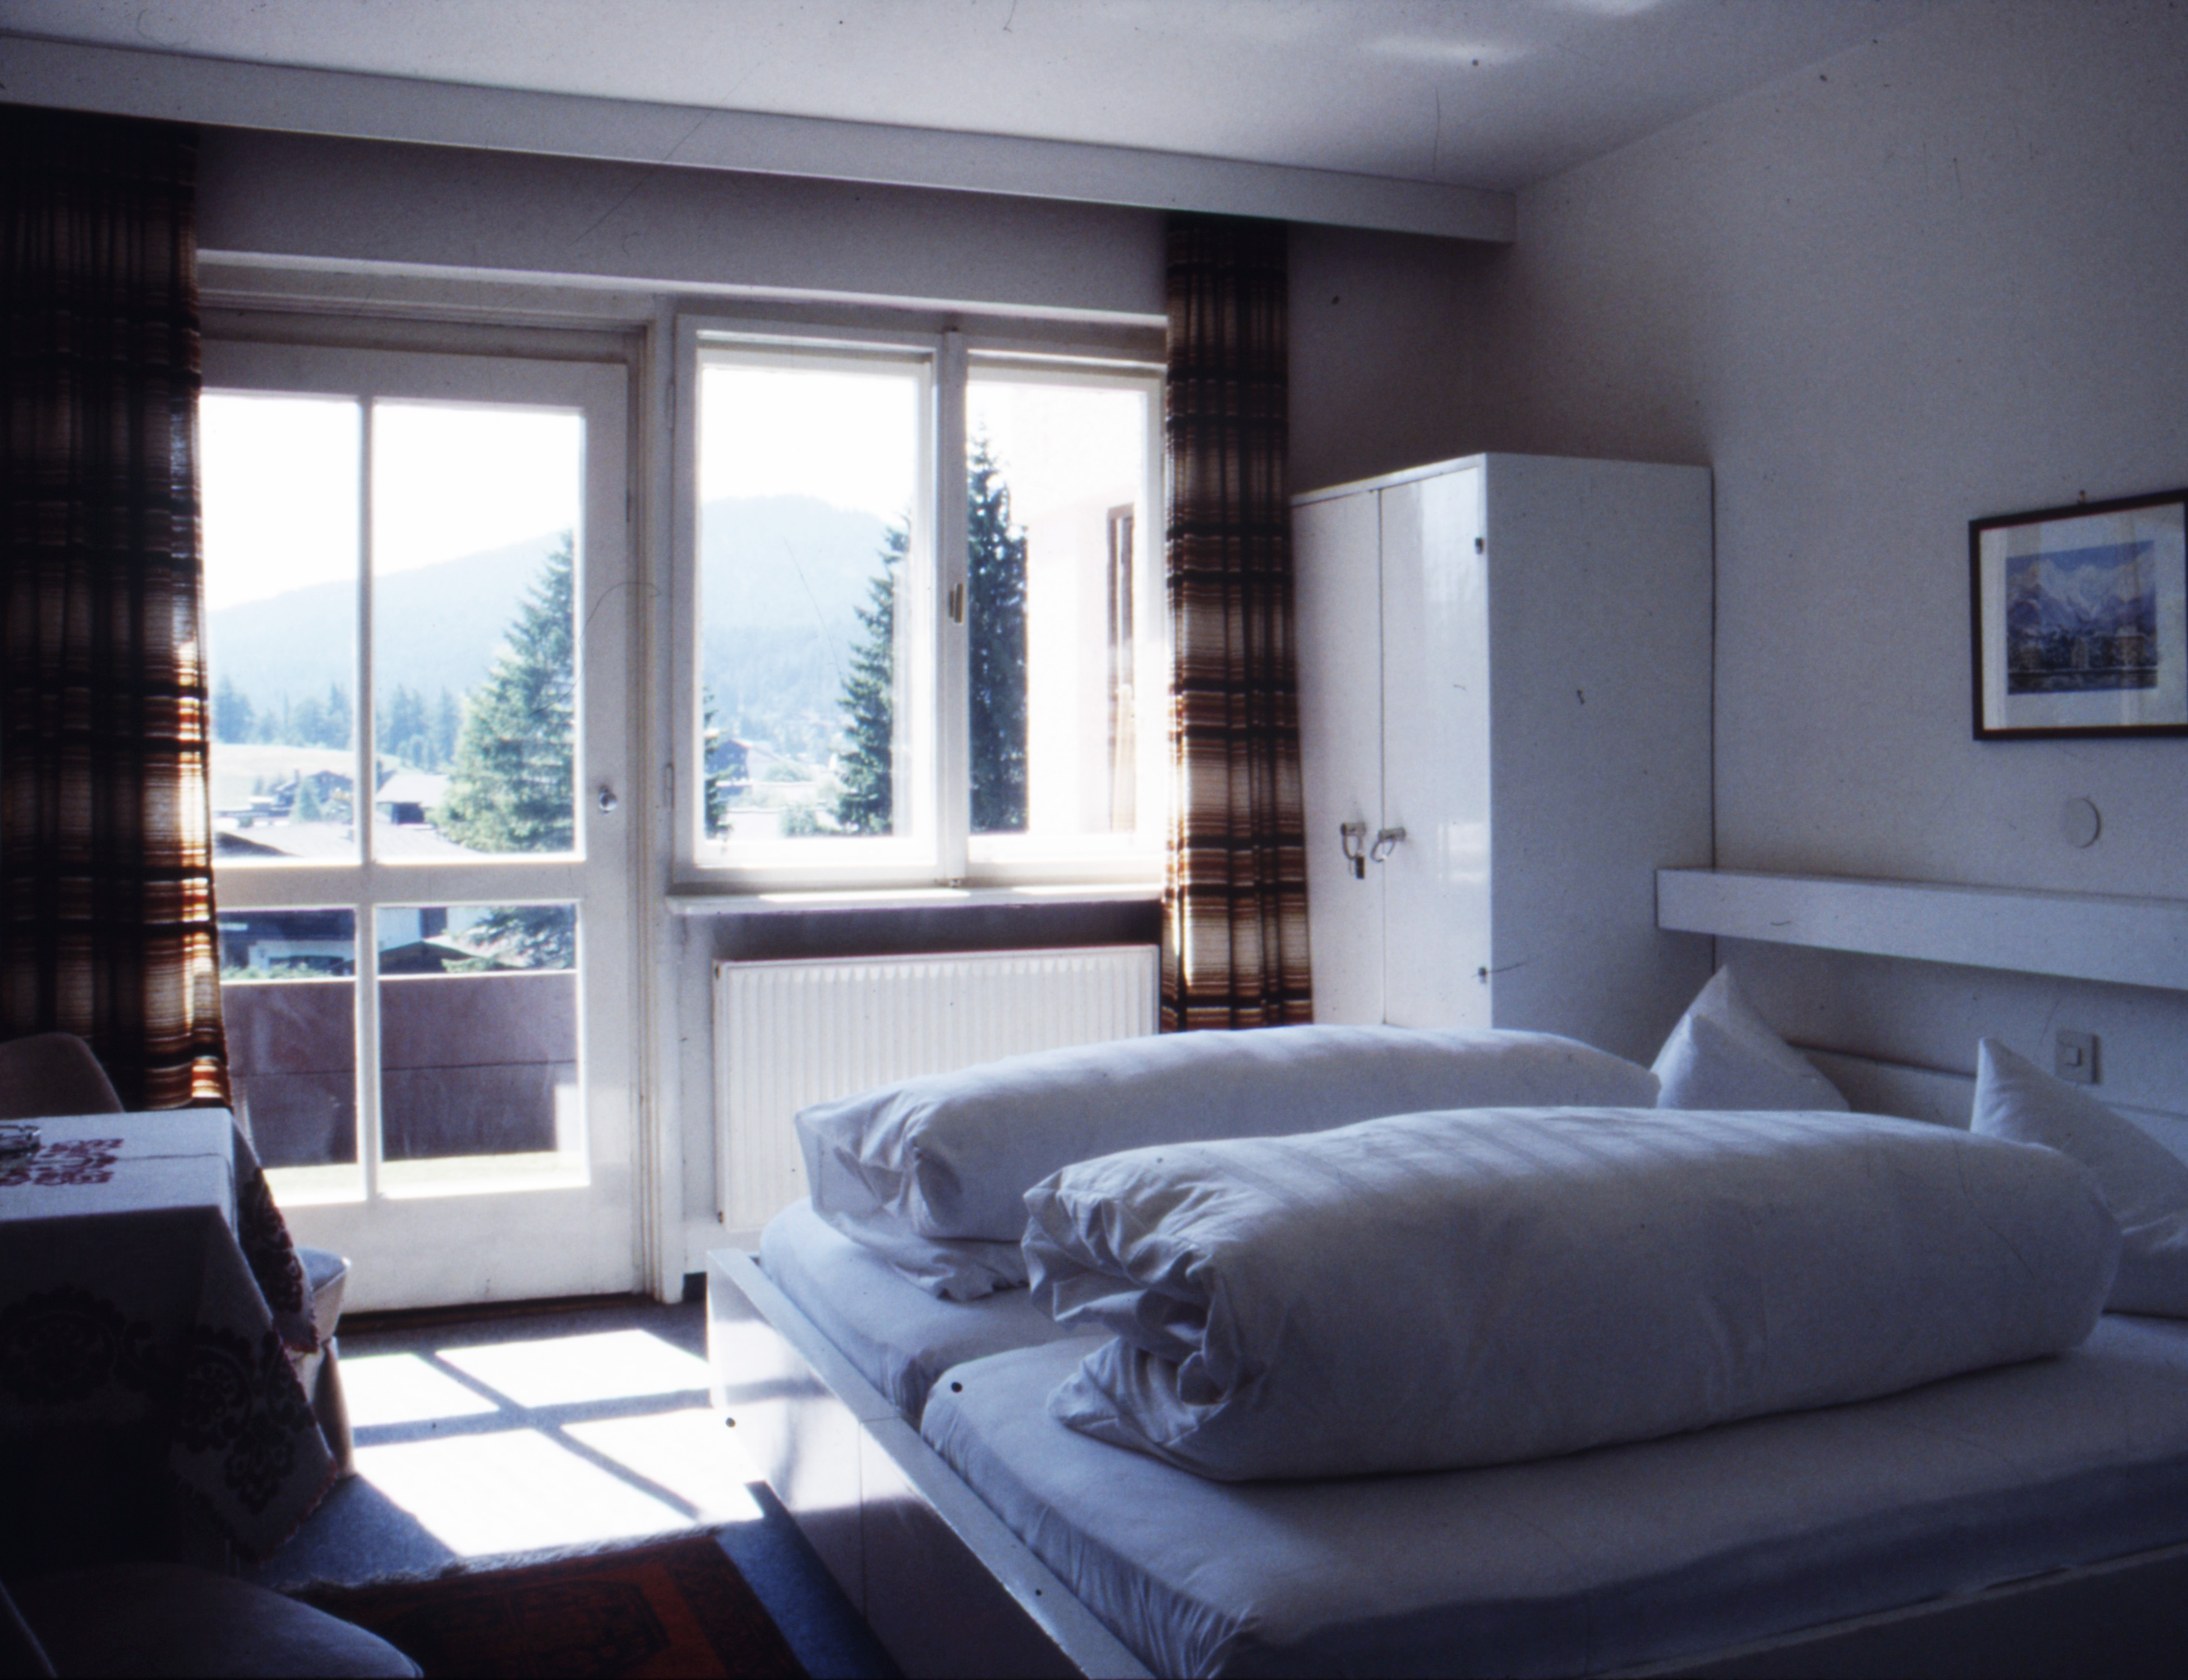 Zimmereinrichtung  File:Hotel Berghof, Seefeld in Tirol, Zimmereinrichtung von ...